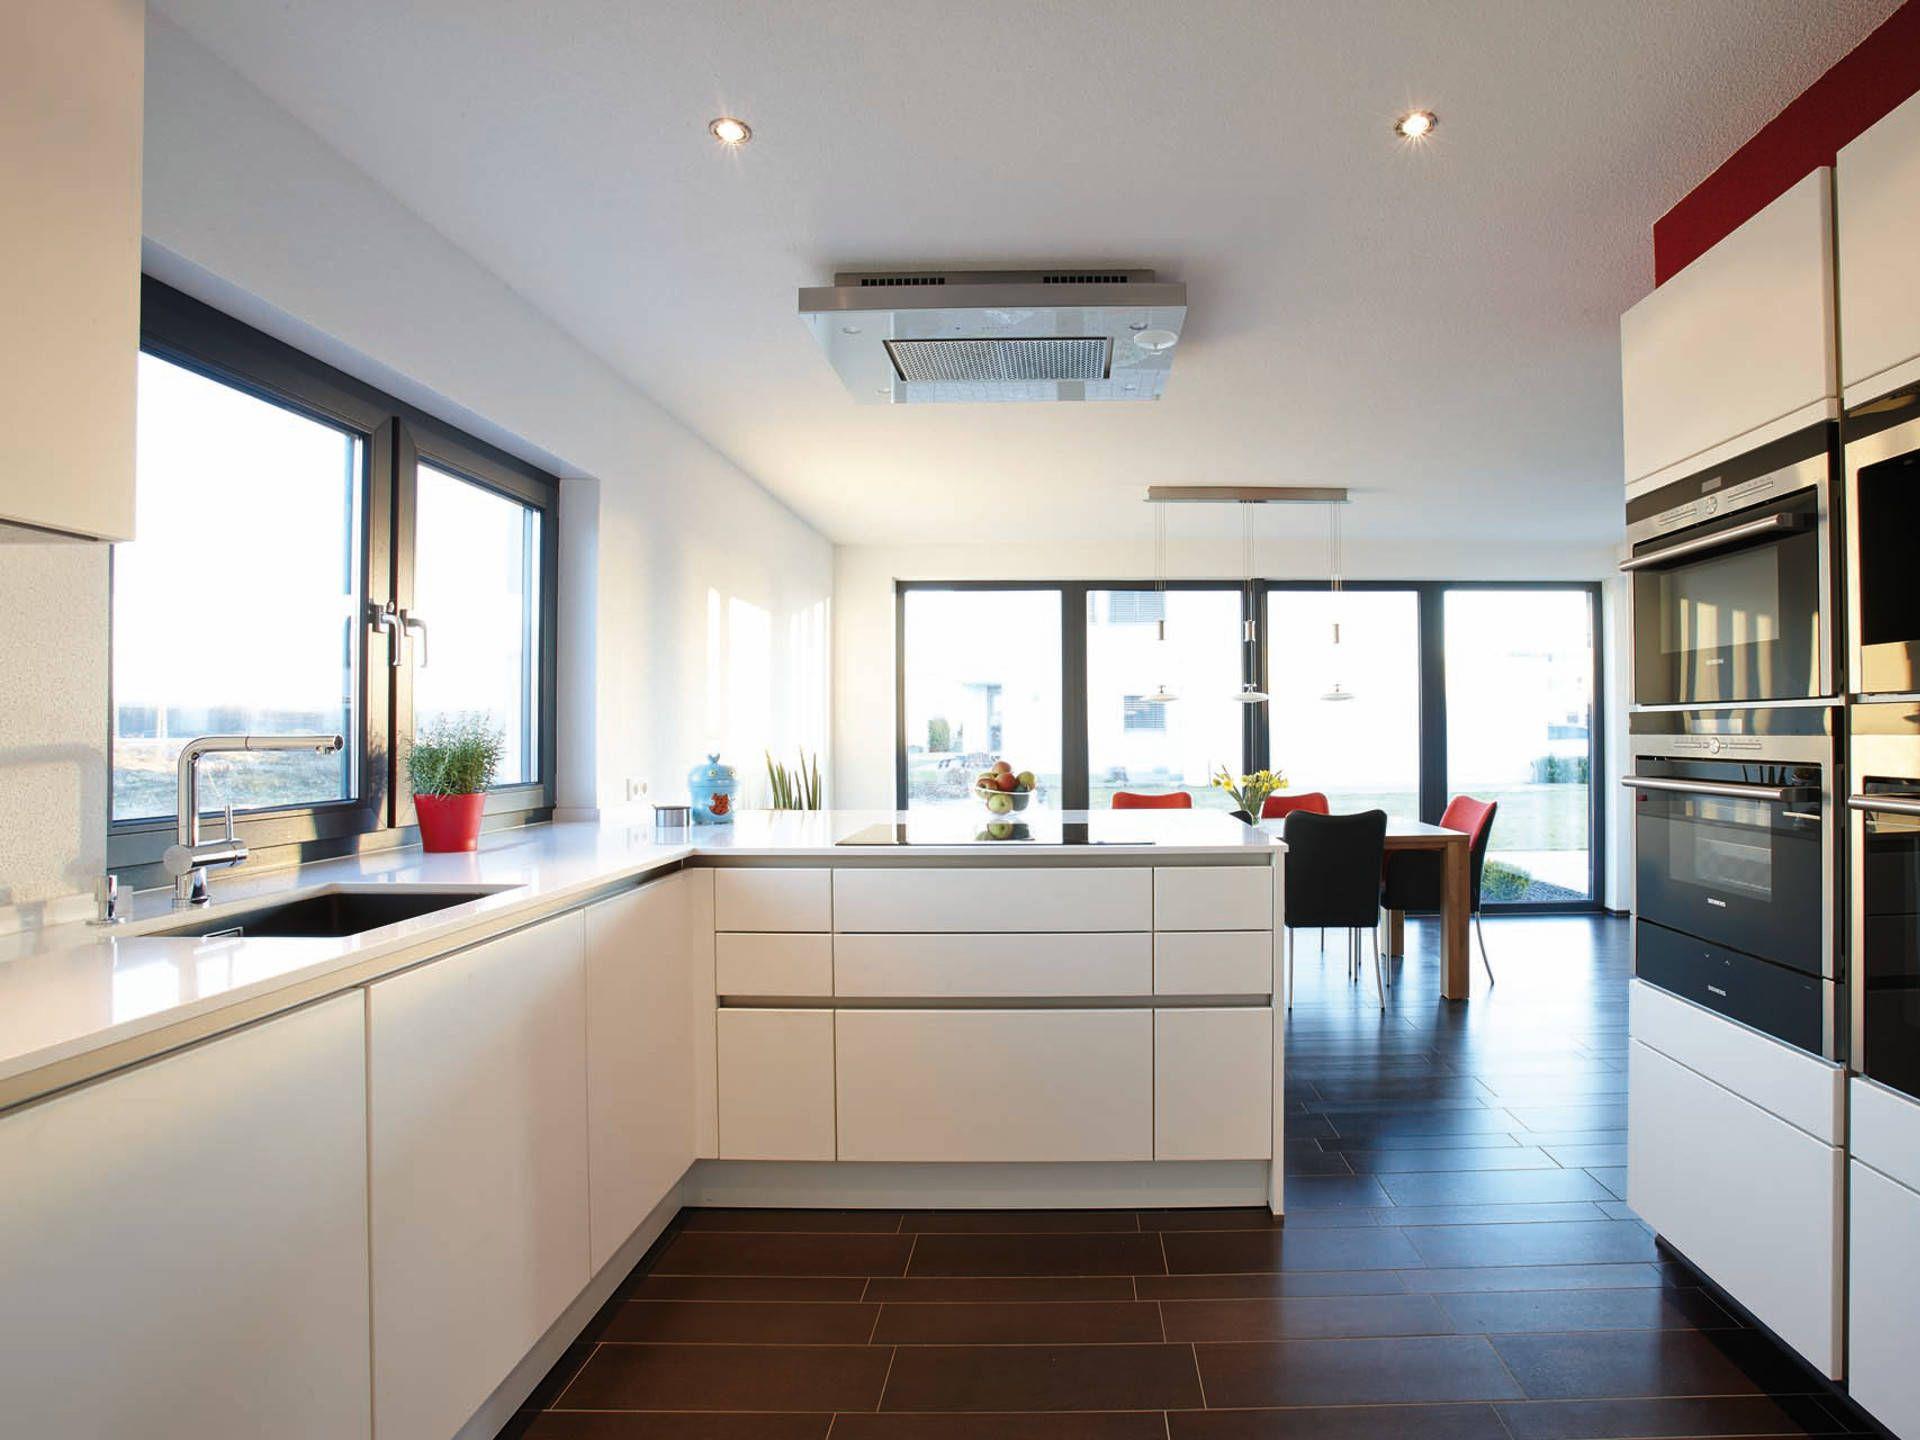 Fingerhaus küche  Küche im Architektur Trend Haus von FingerHaus • Mit Musterhaus ...